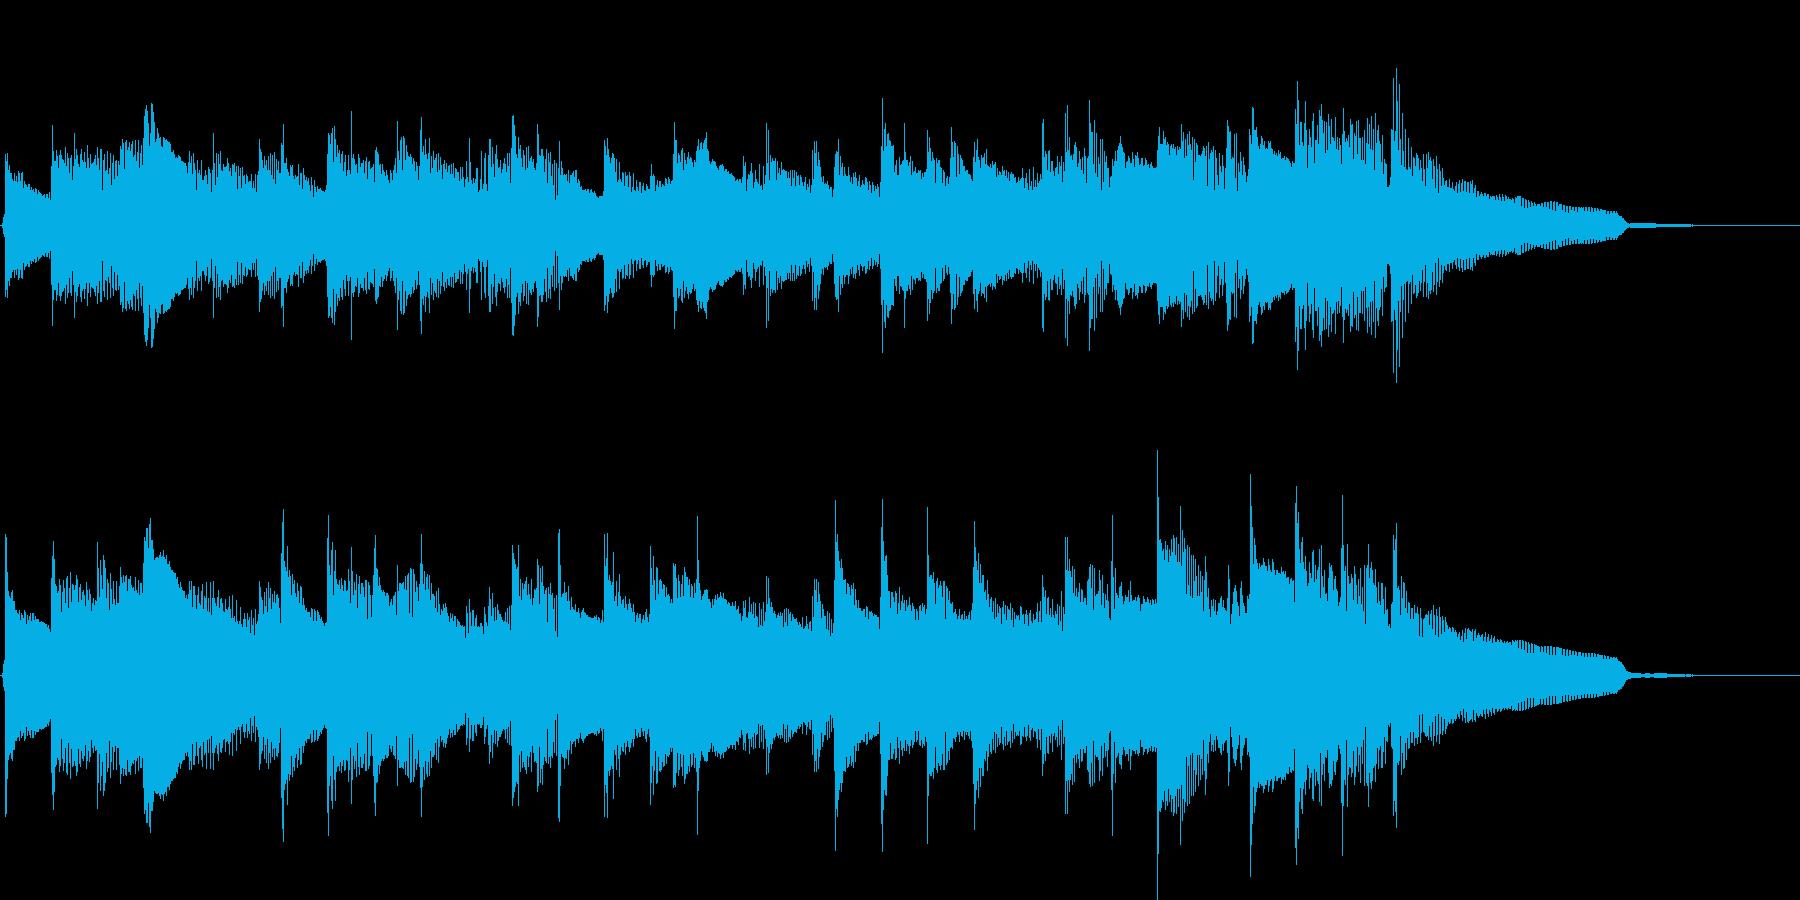 穏やかで優しい雰囲気のアコギ曲17秒の再生済みの波形